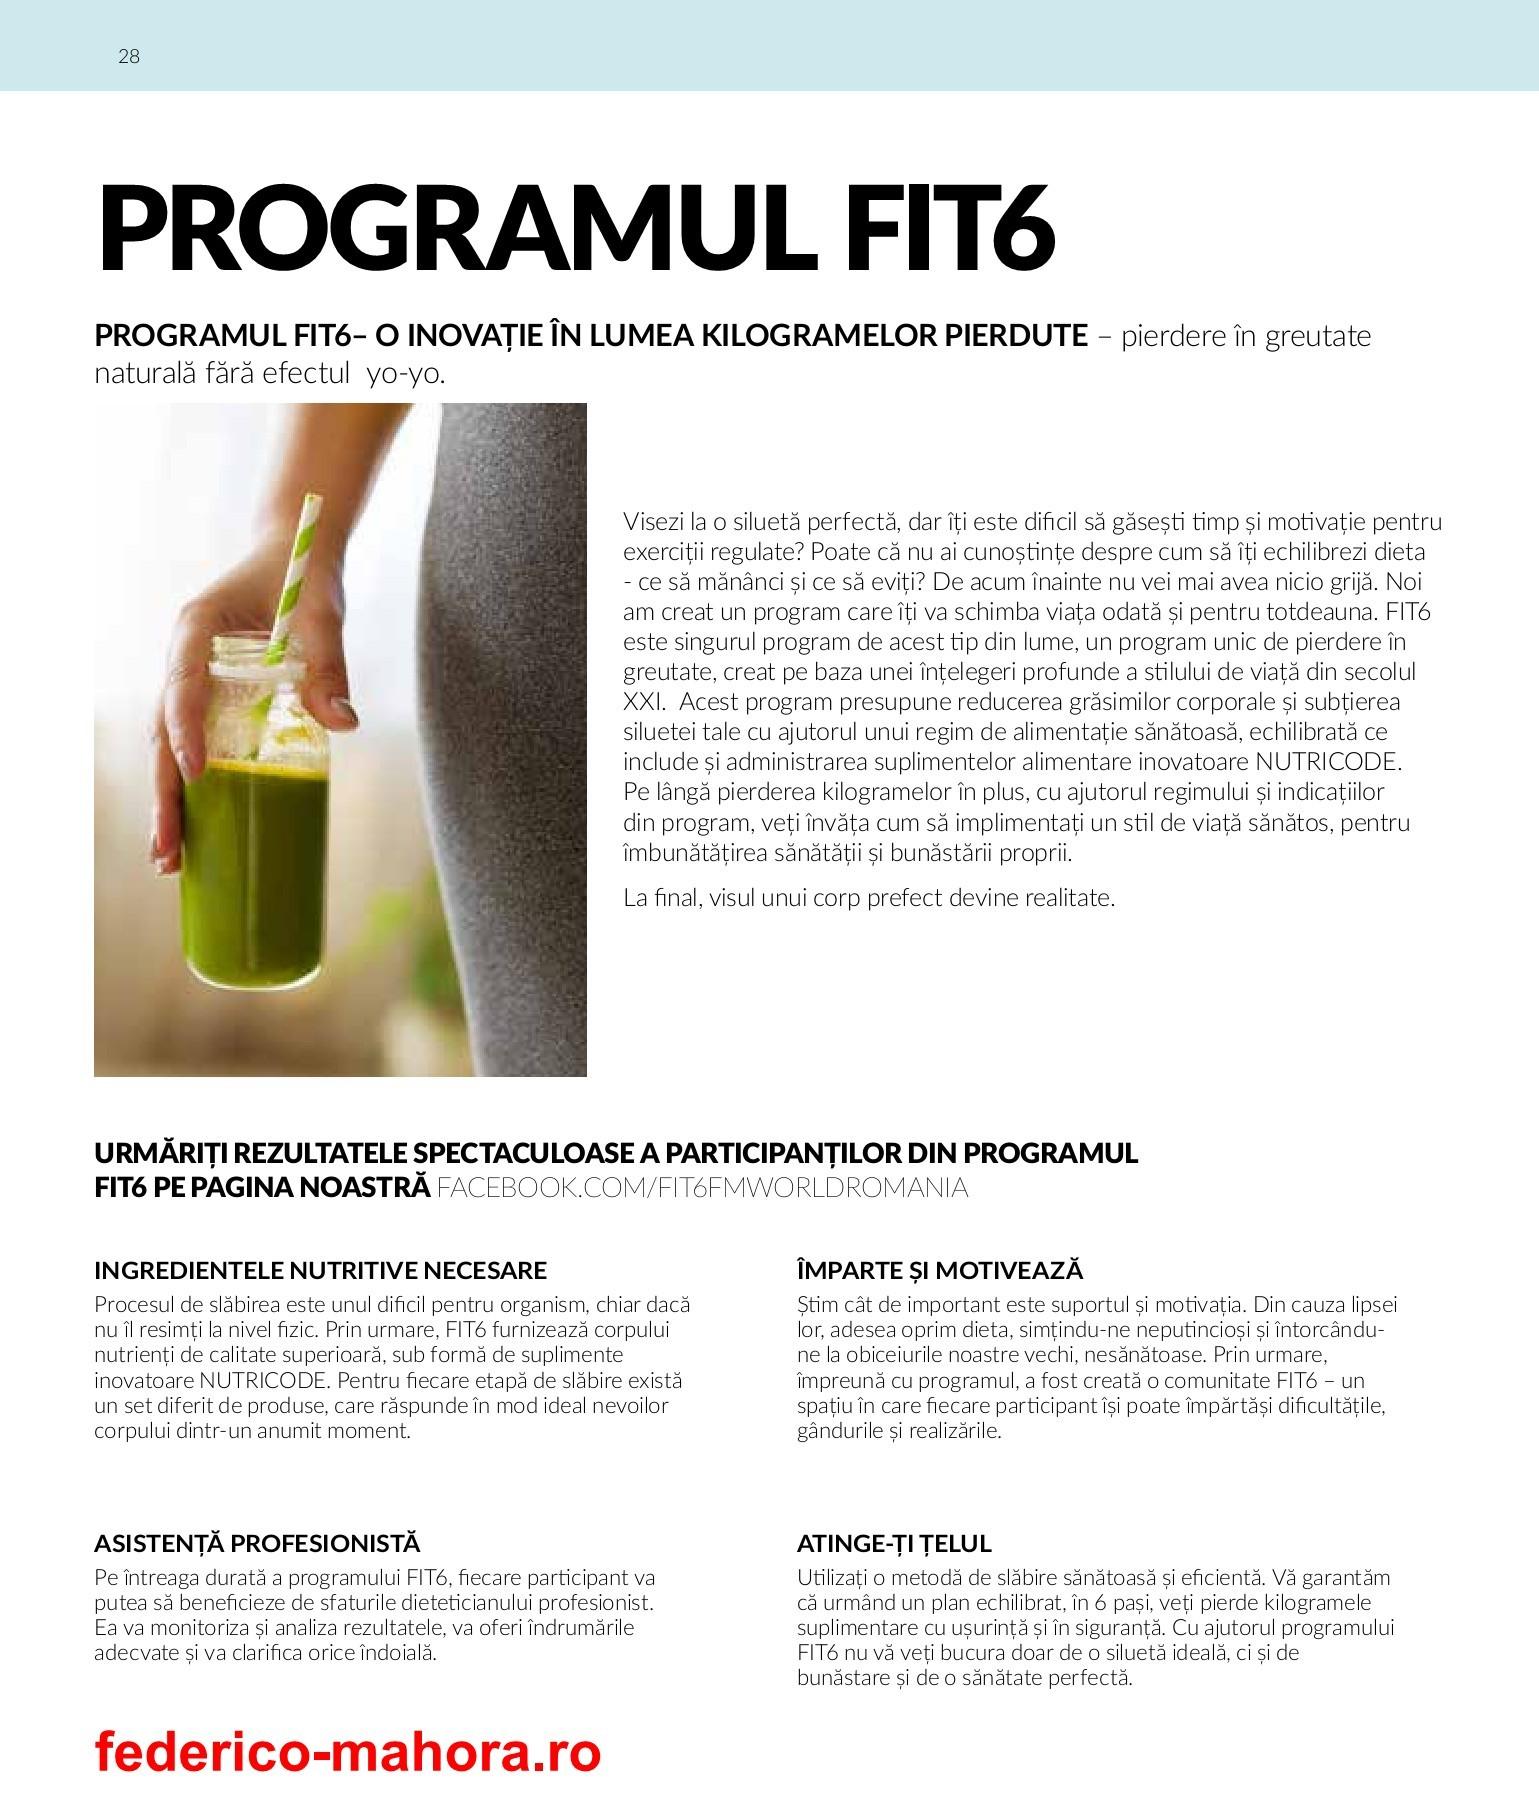 Cum să evitați tehnicile nesănătoase de pierdere în greutate | alegsatraiesc.ro